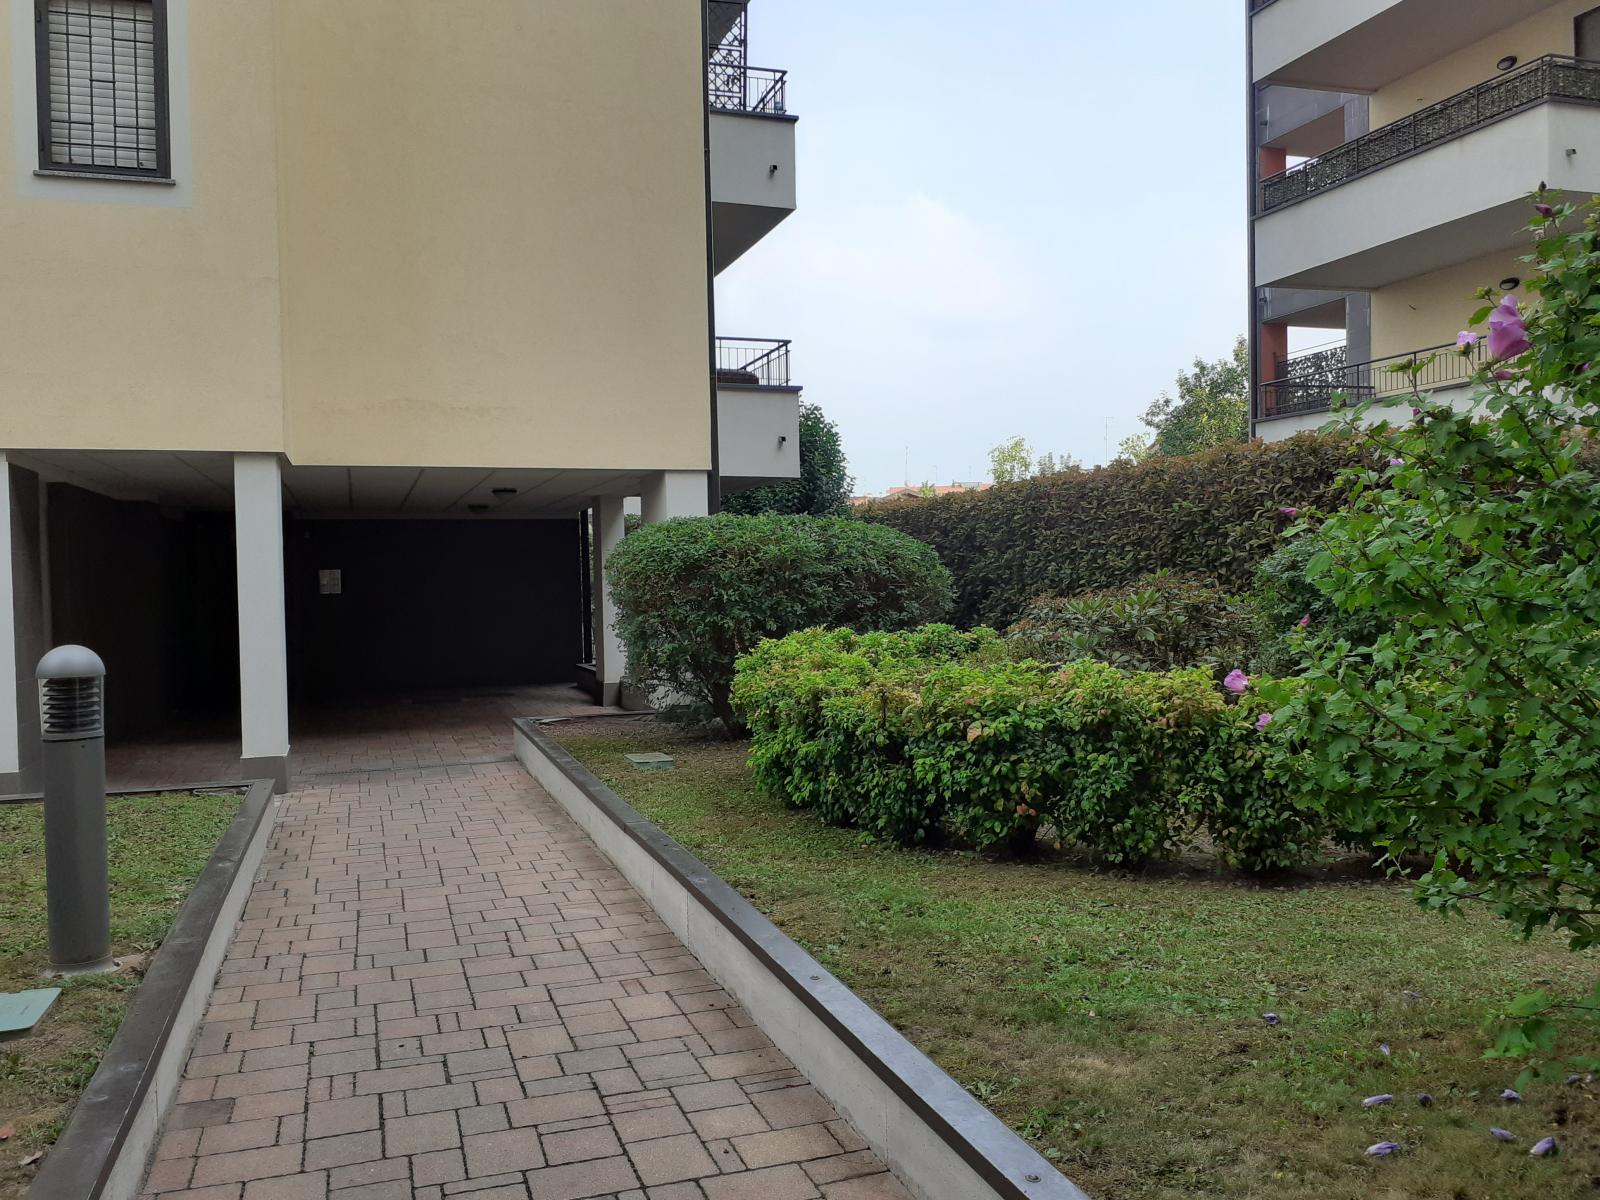 appartamento-open-space-milano-via-broggini-baggio-spaziourbano-immobiliare-vende-19